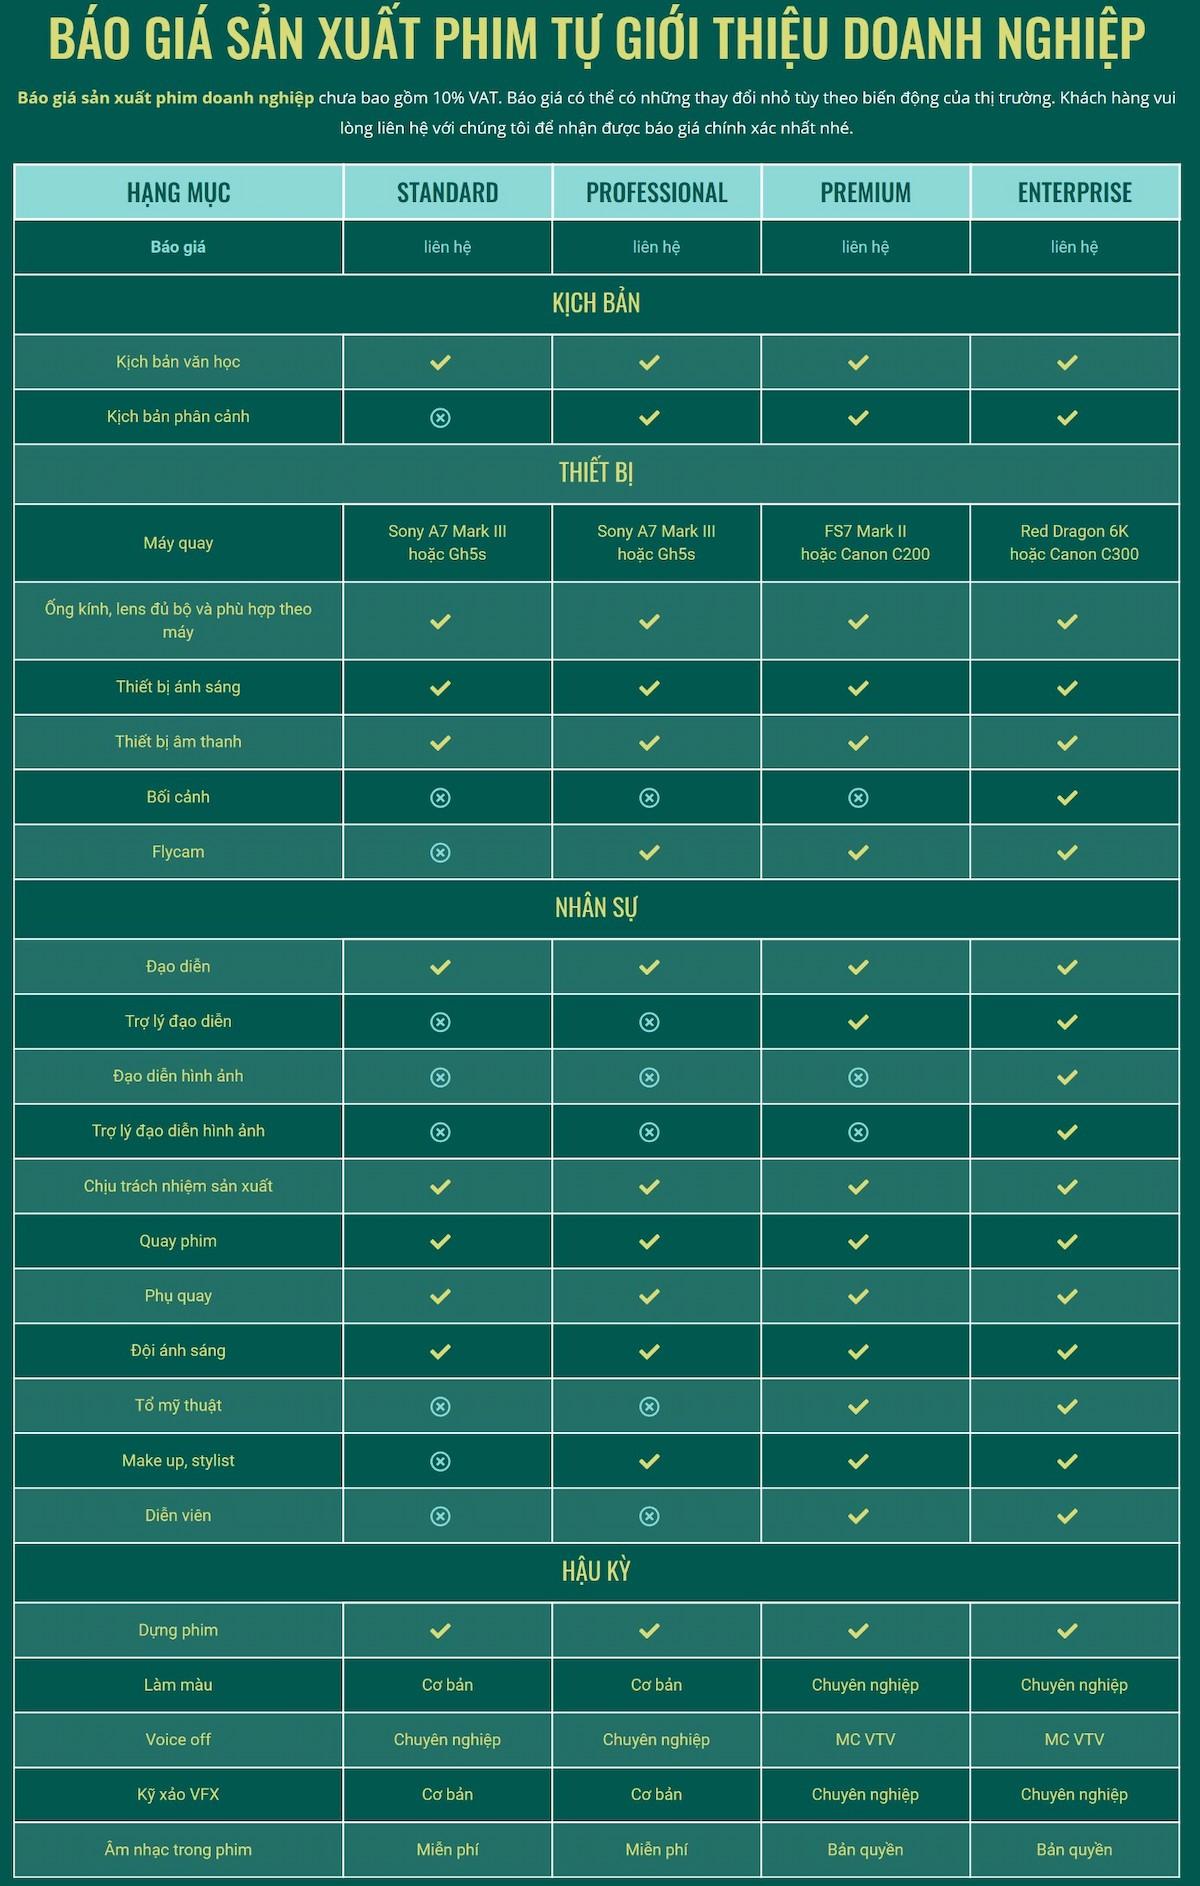 Báo giá sản xuất phim doanh nghiệp